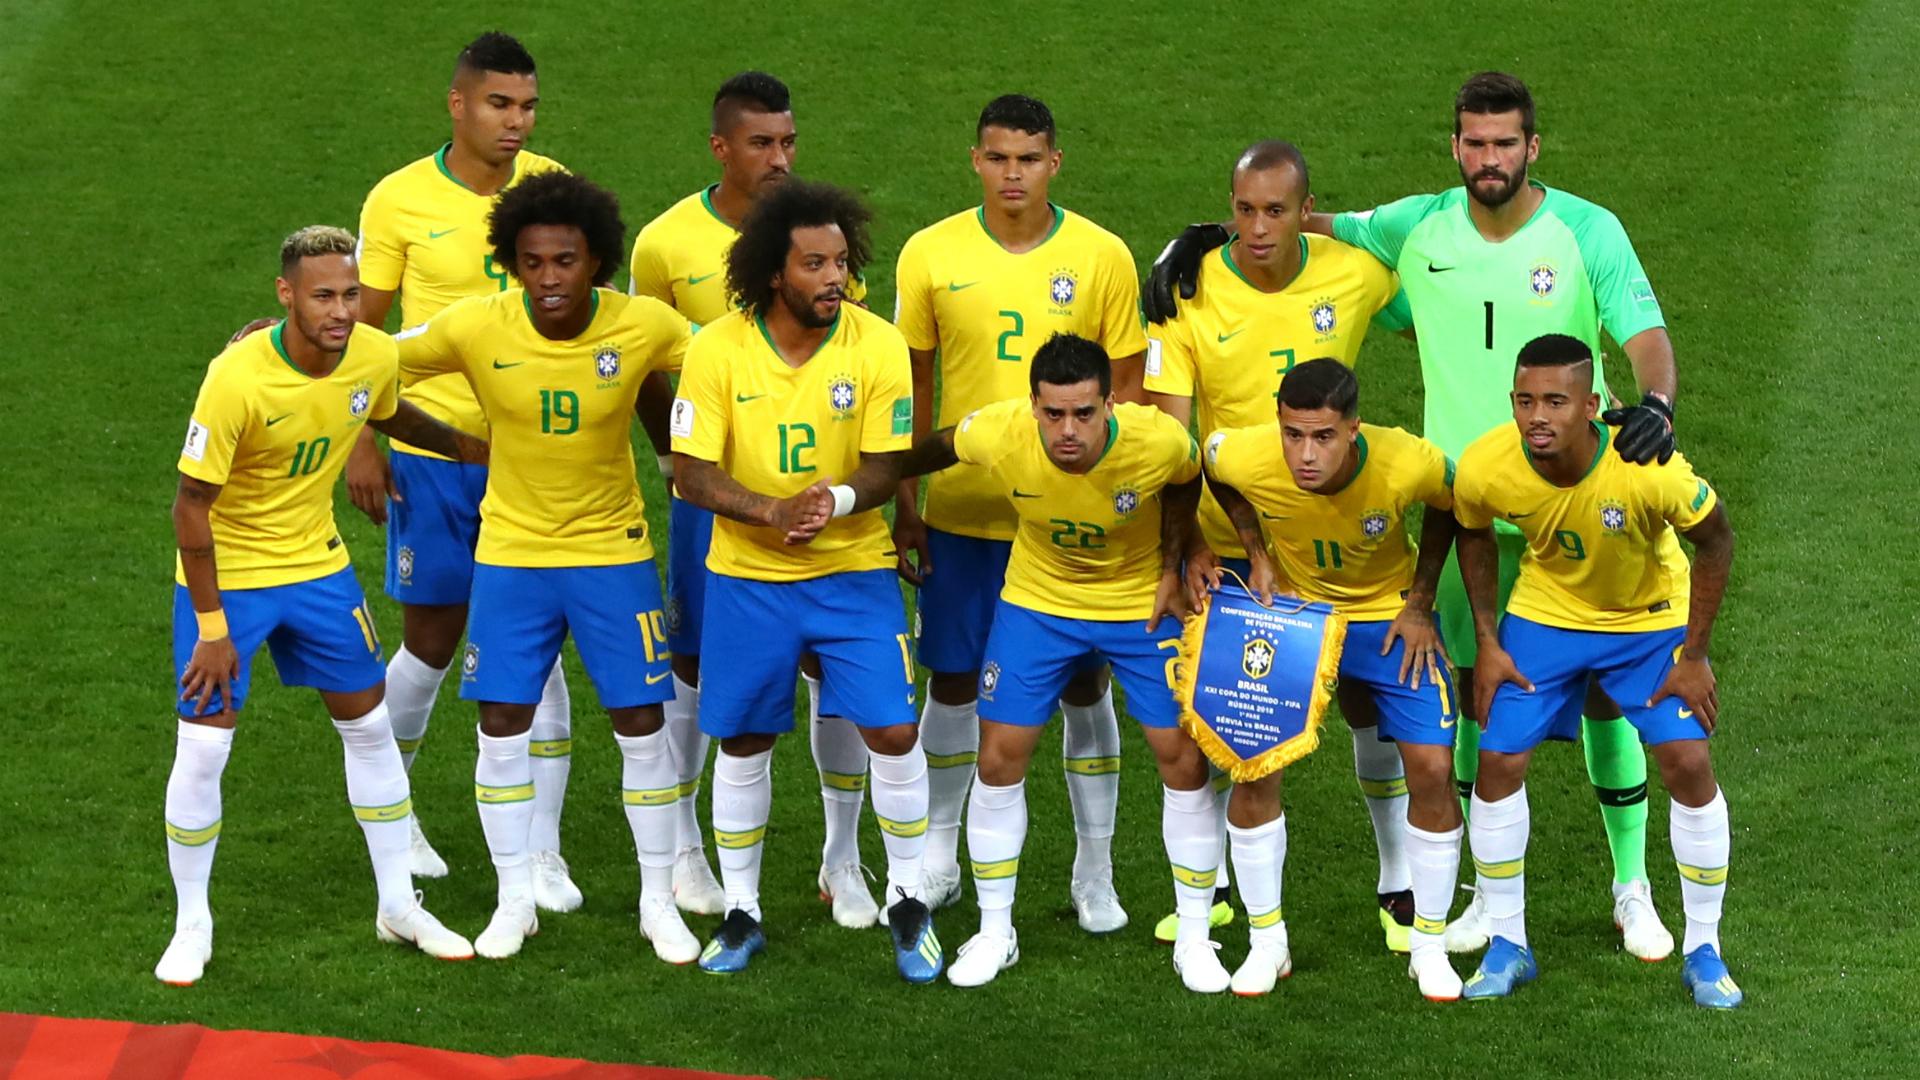 Brasil Sérvia I 27 06 18 I Copa do Mundo